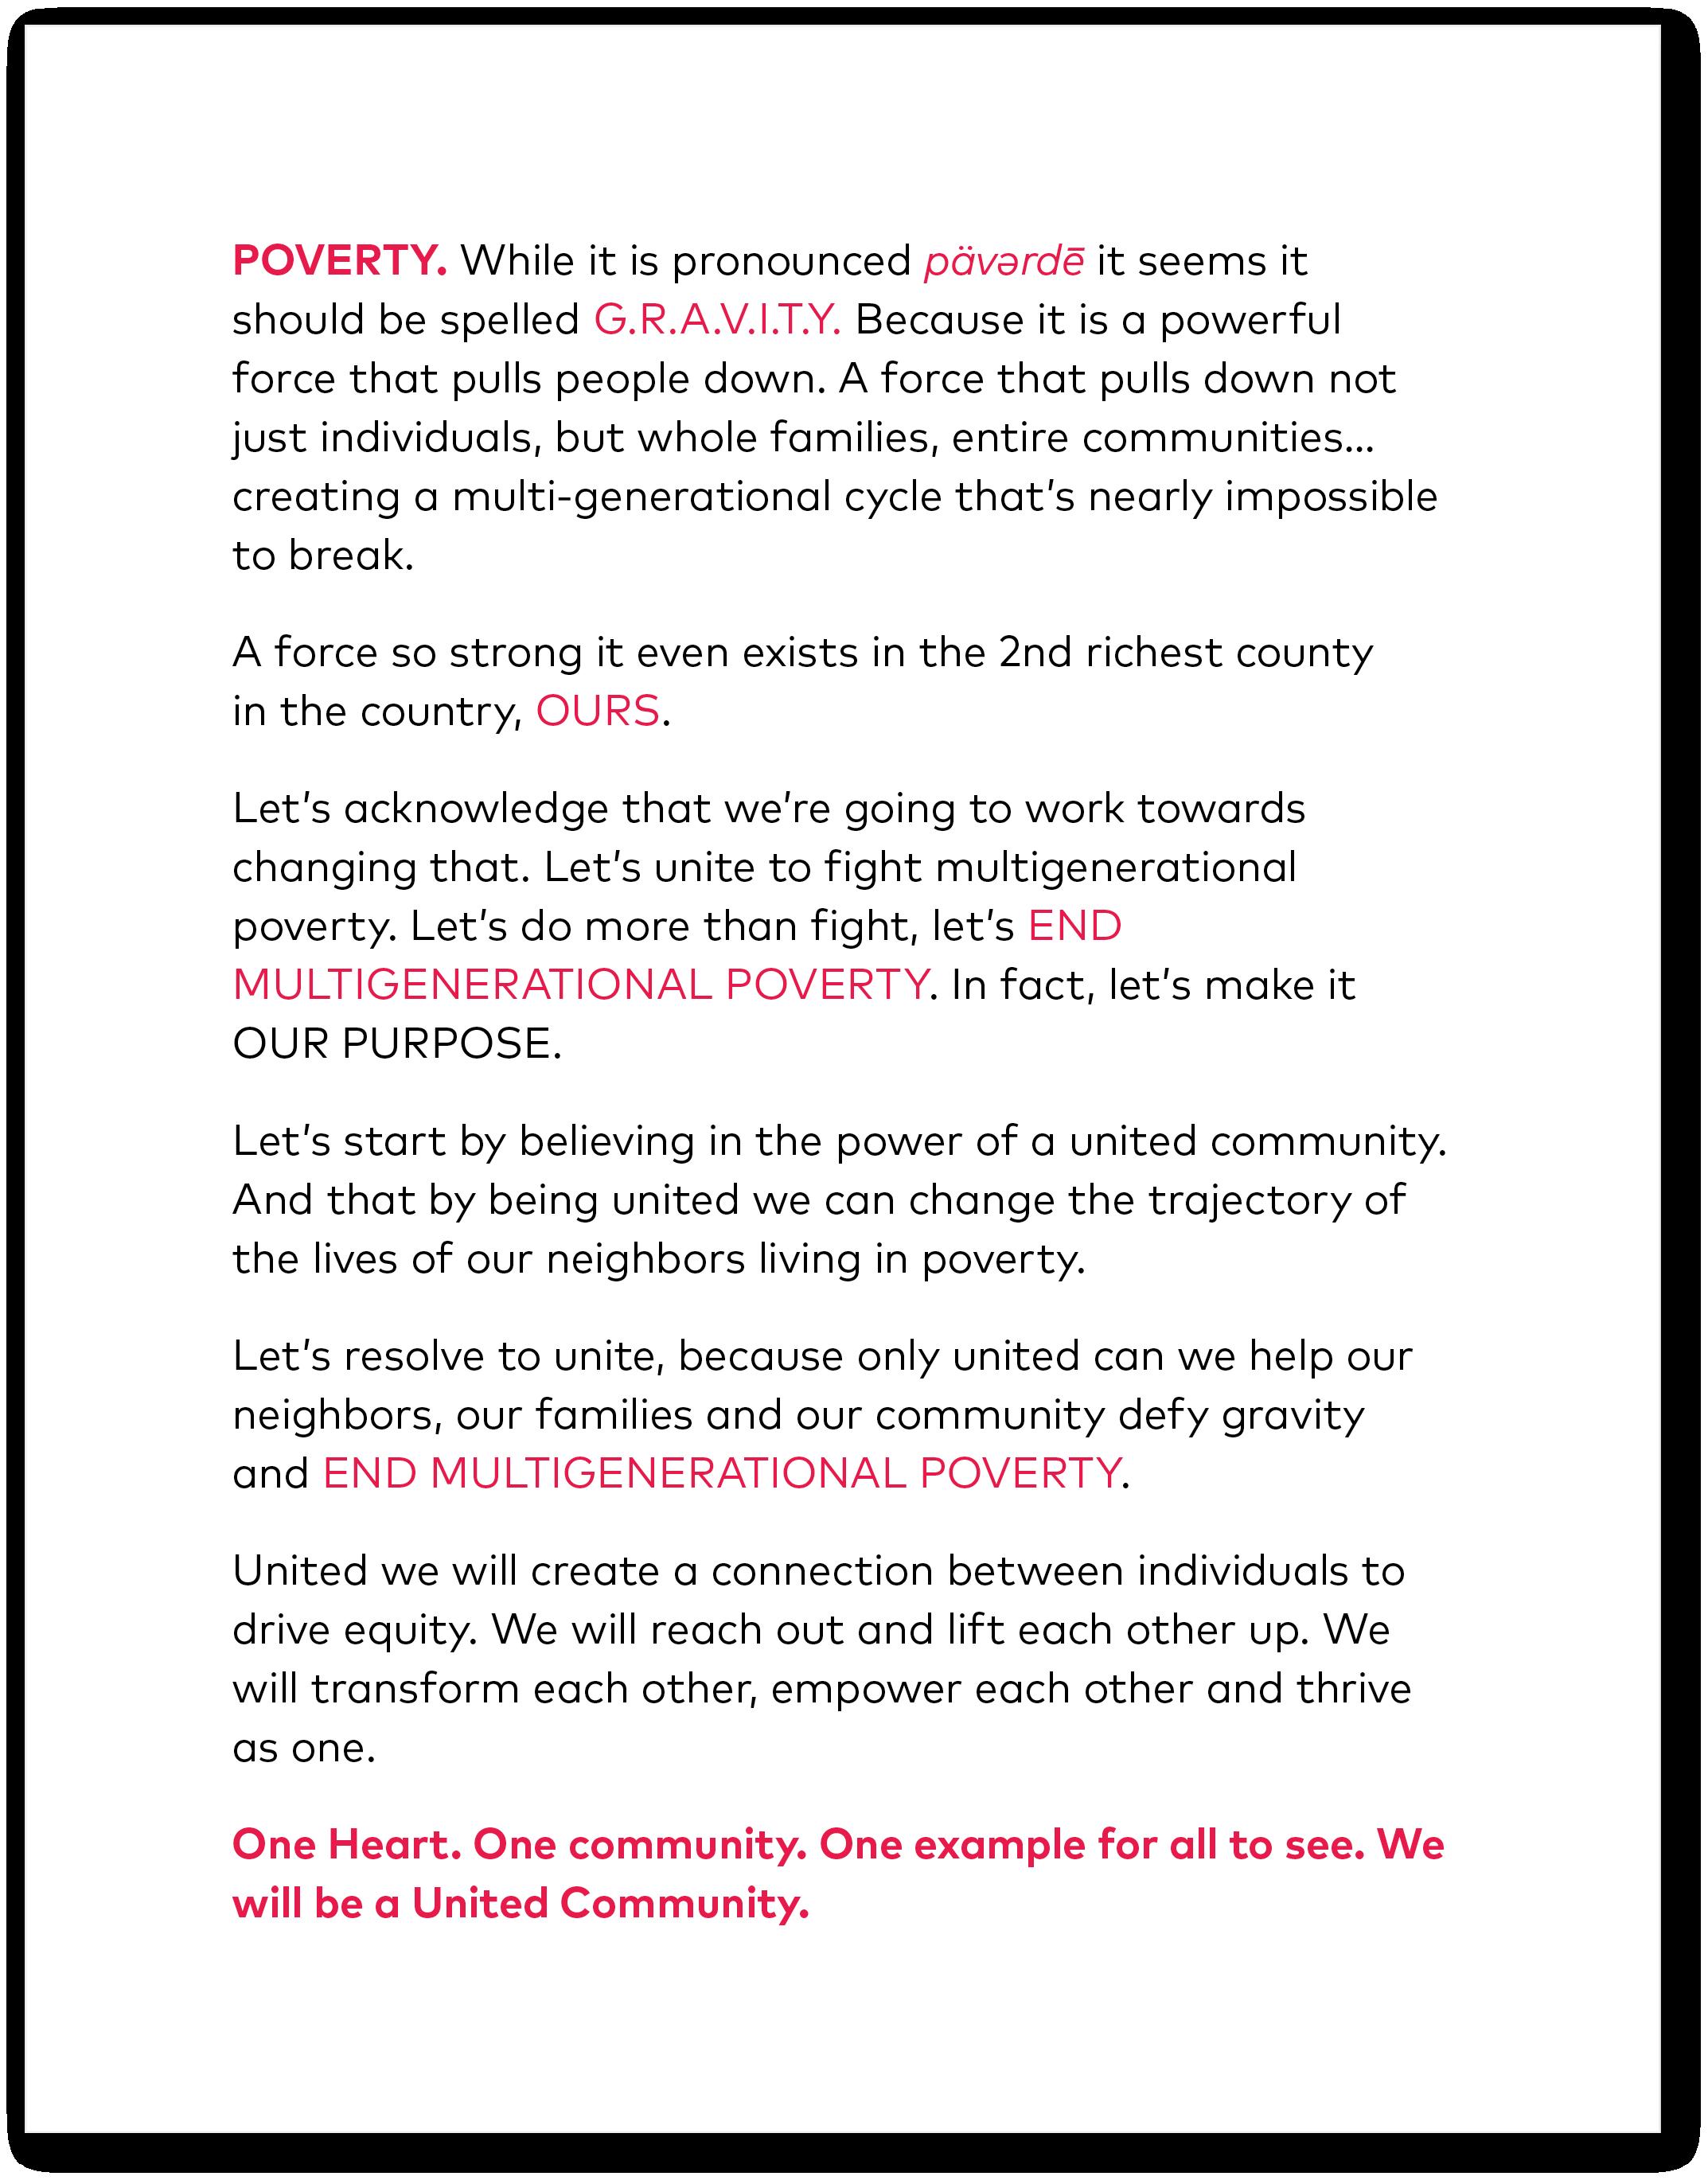 majorbehavior-ucm-rebrand-manifesto.png